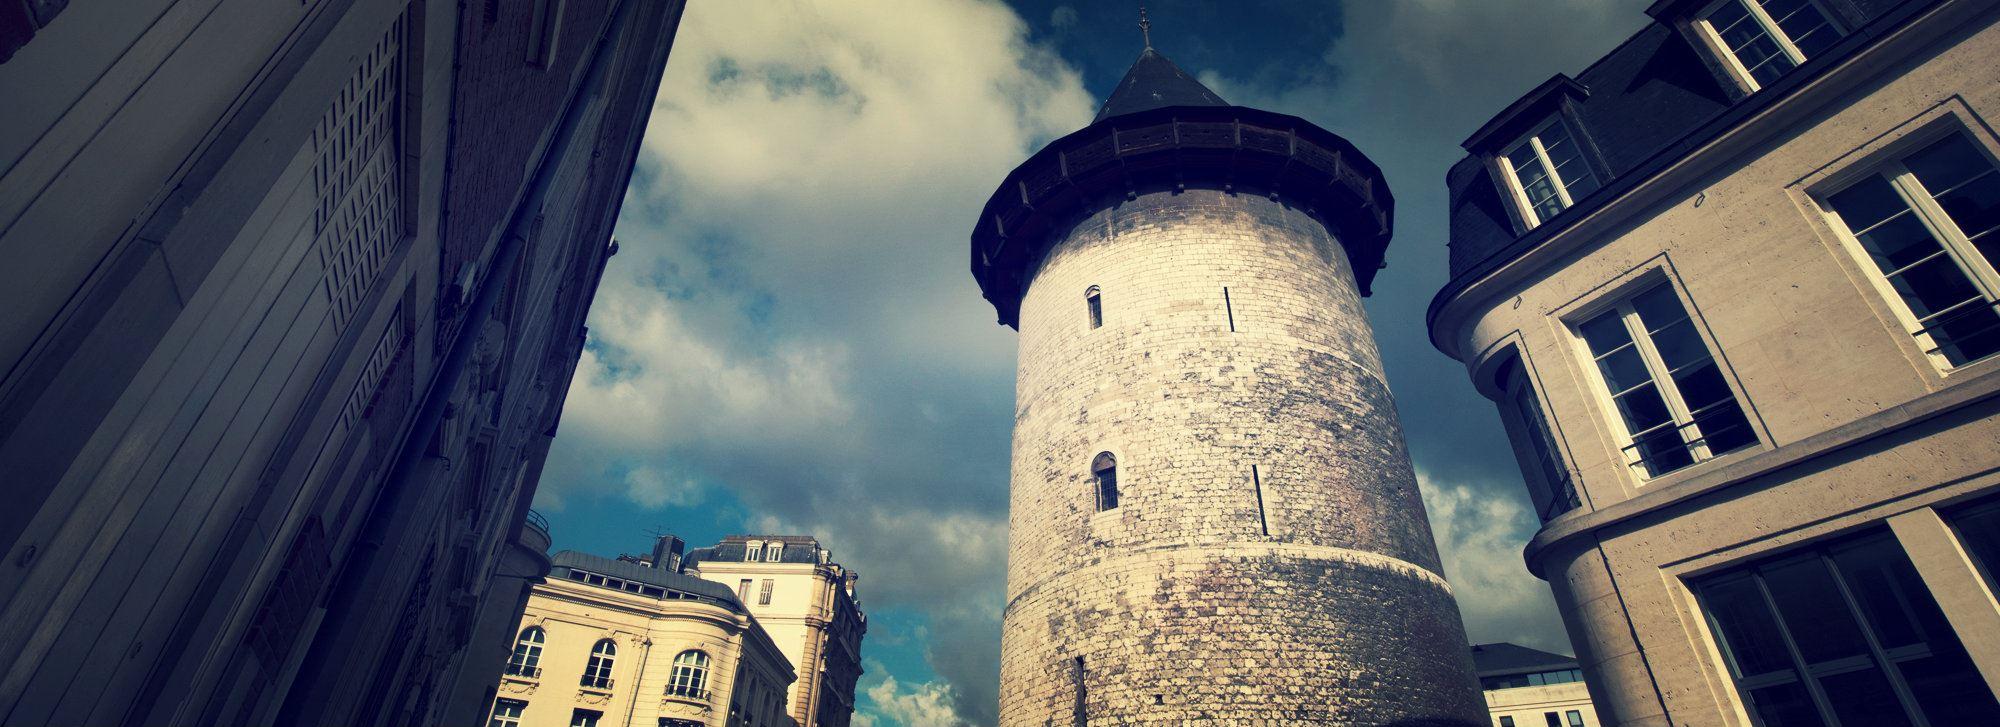 Le Donjon de Rouen : visite patrimoniale